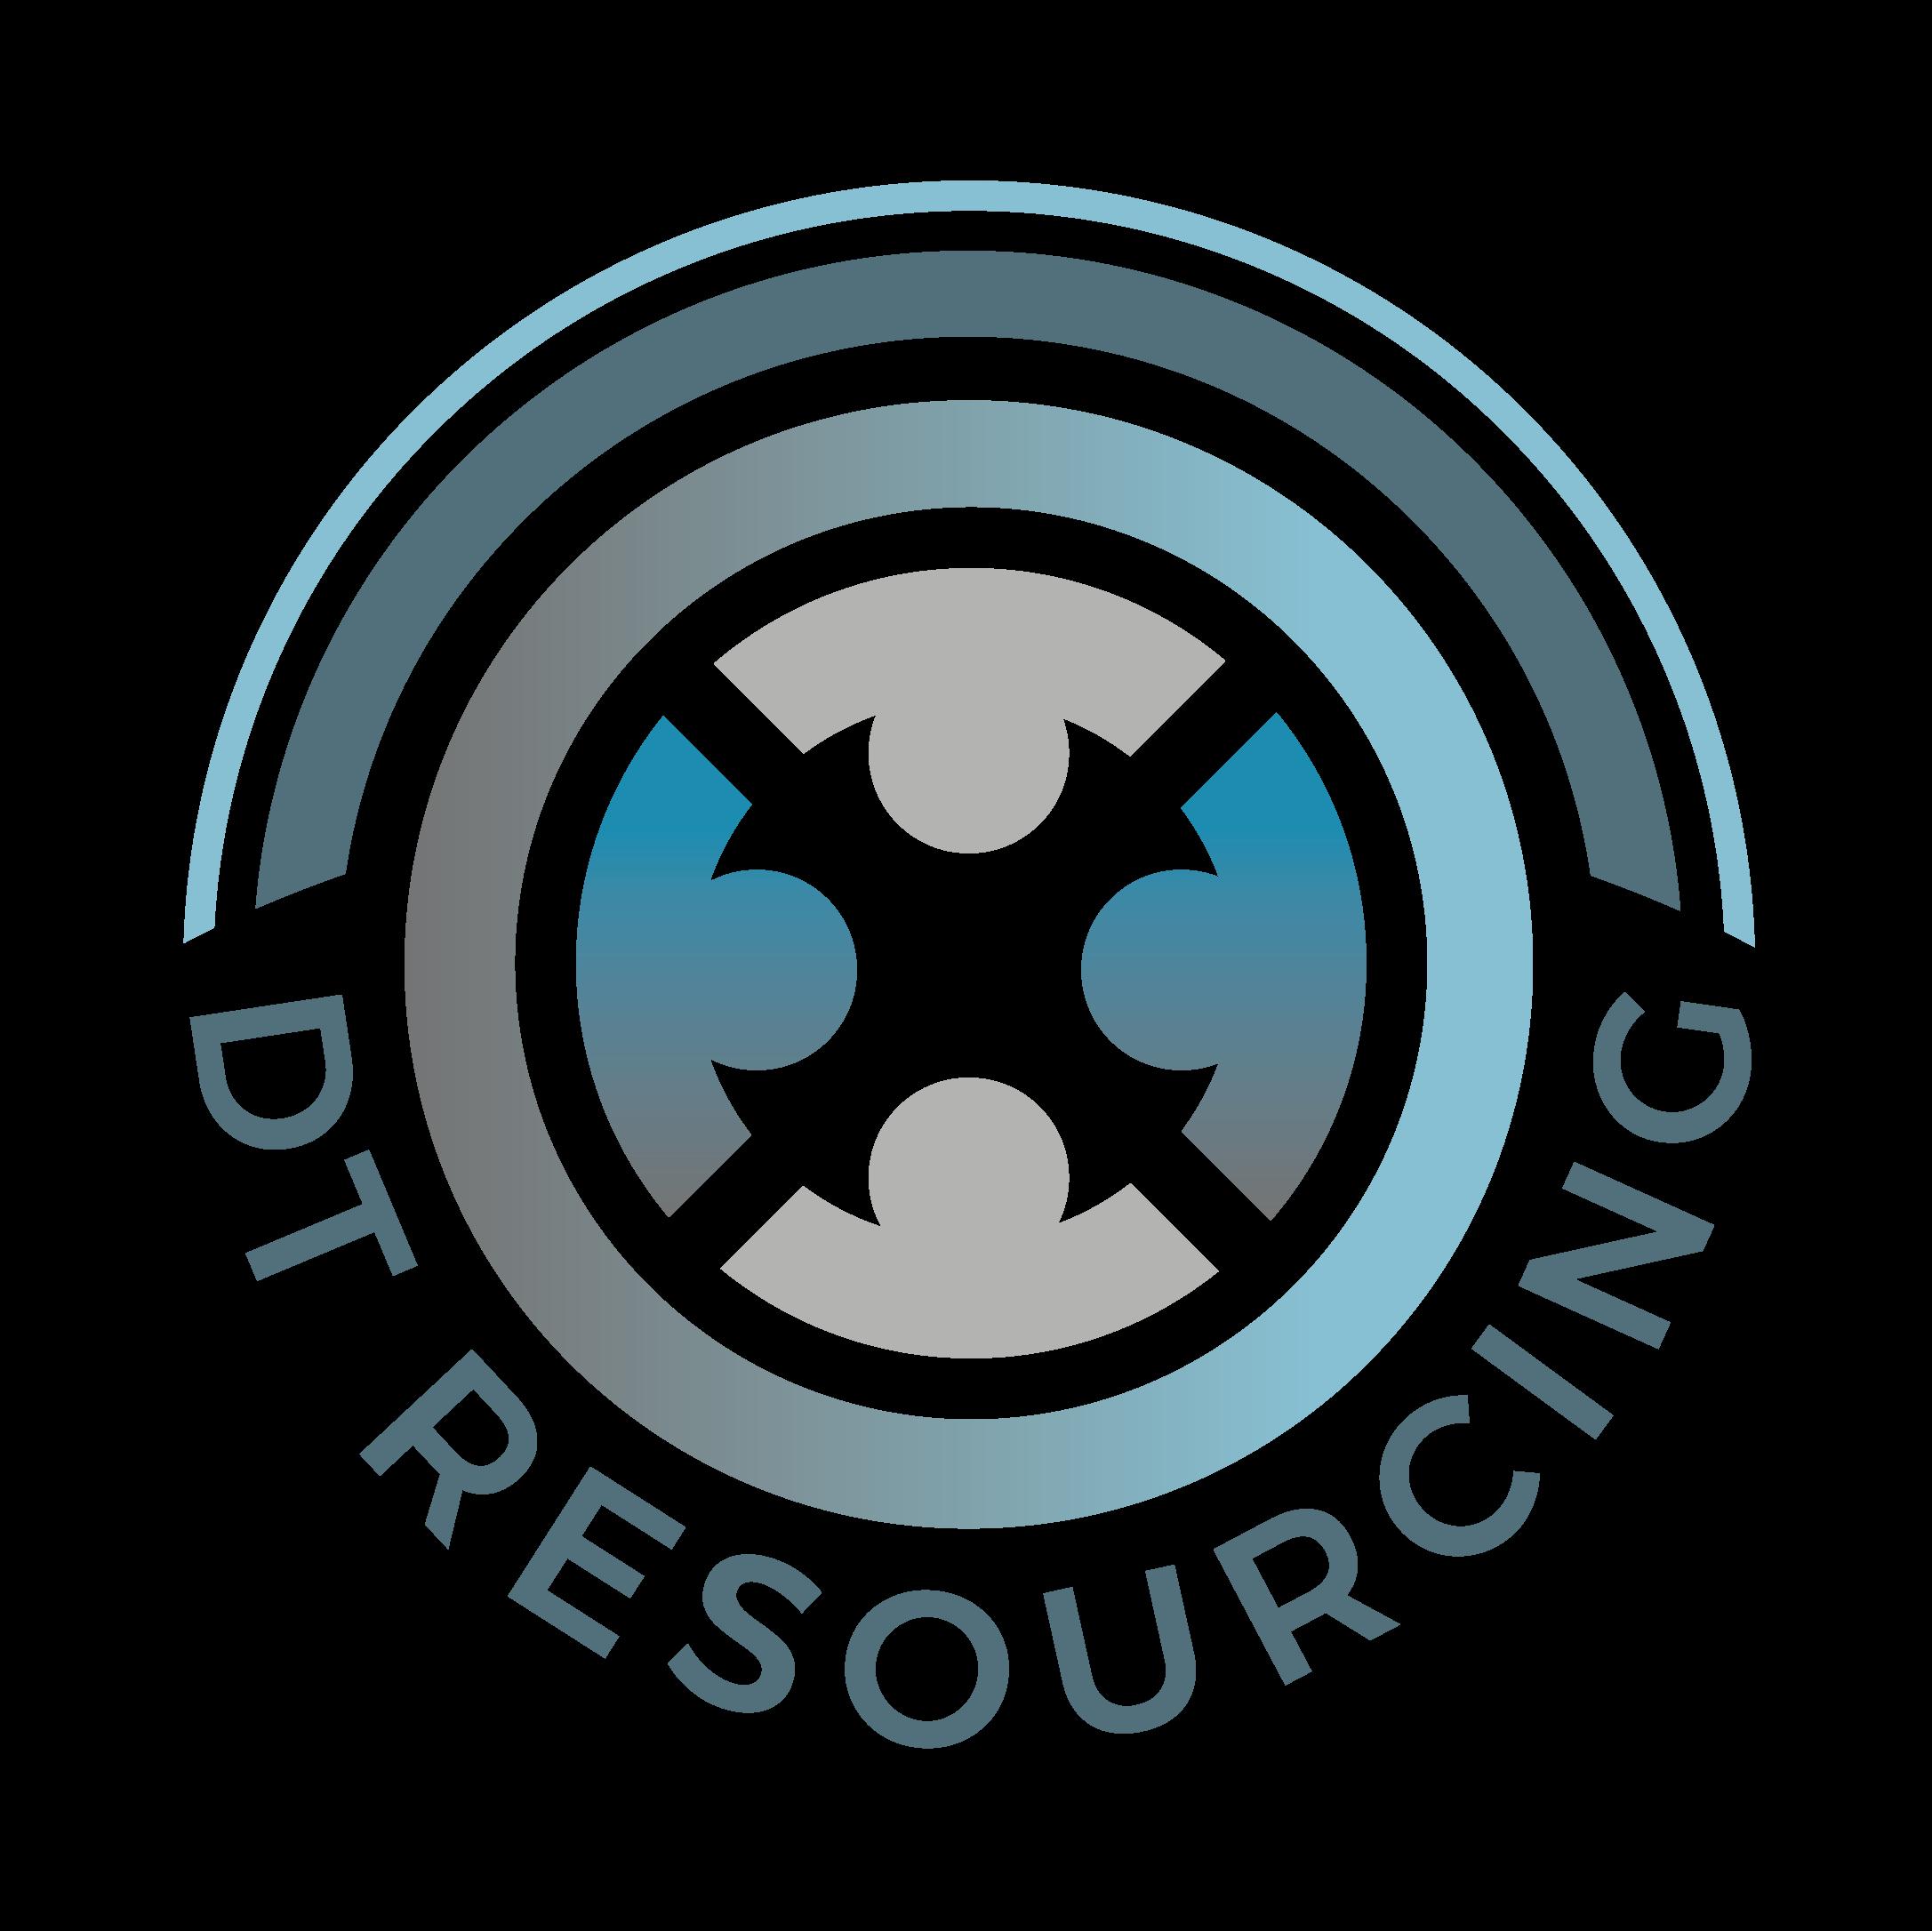 DT Resourcing Ltd